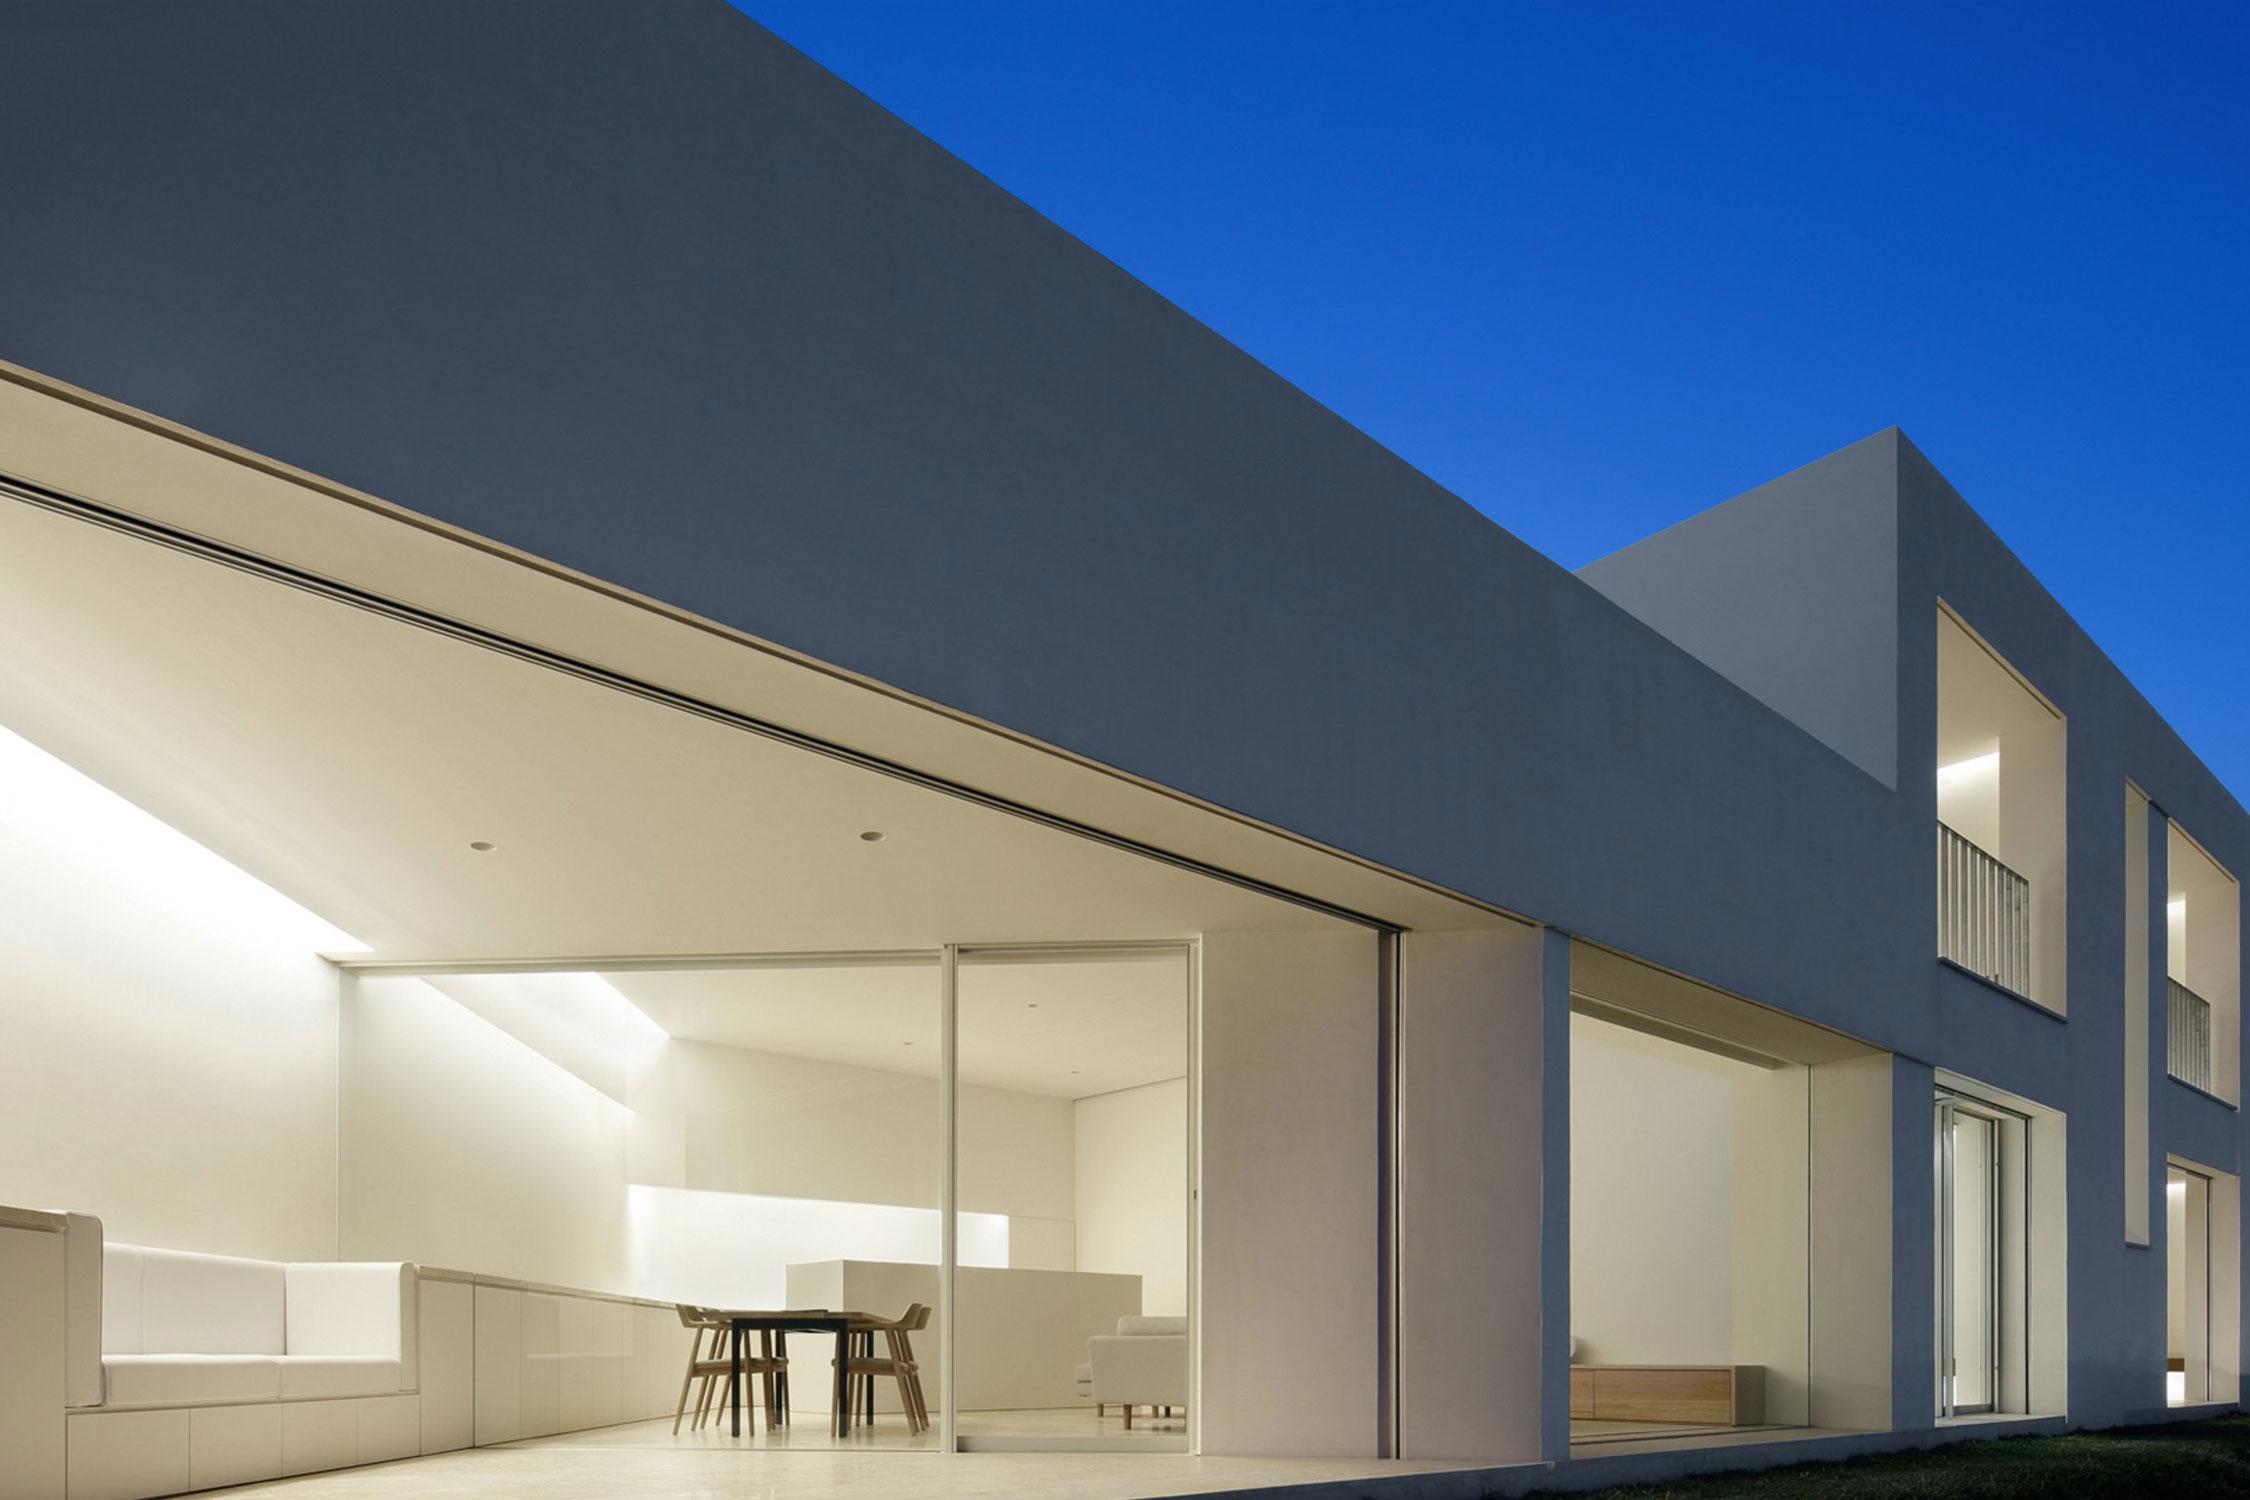 ¡En arquitectura minimalista, menos es más!